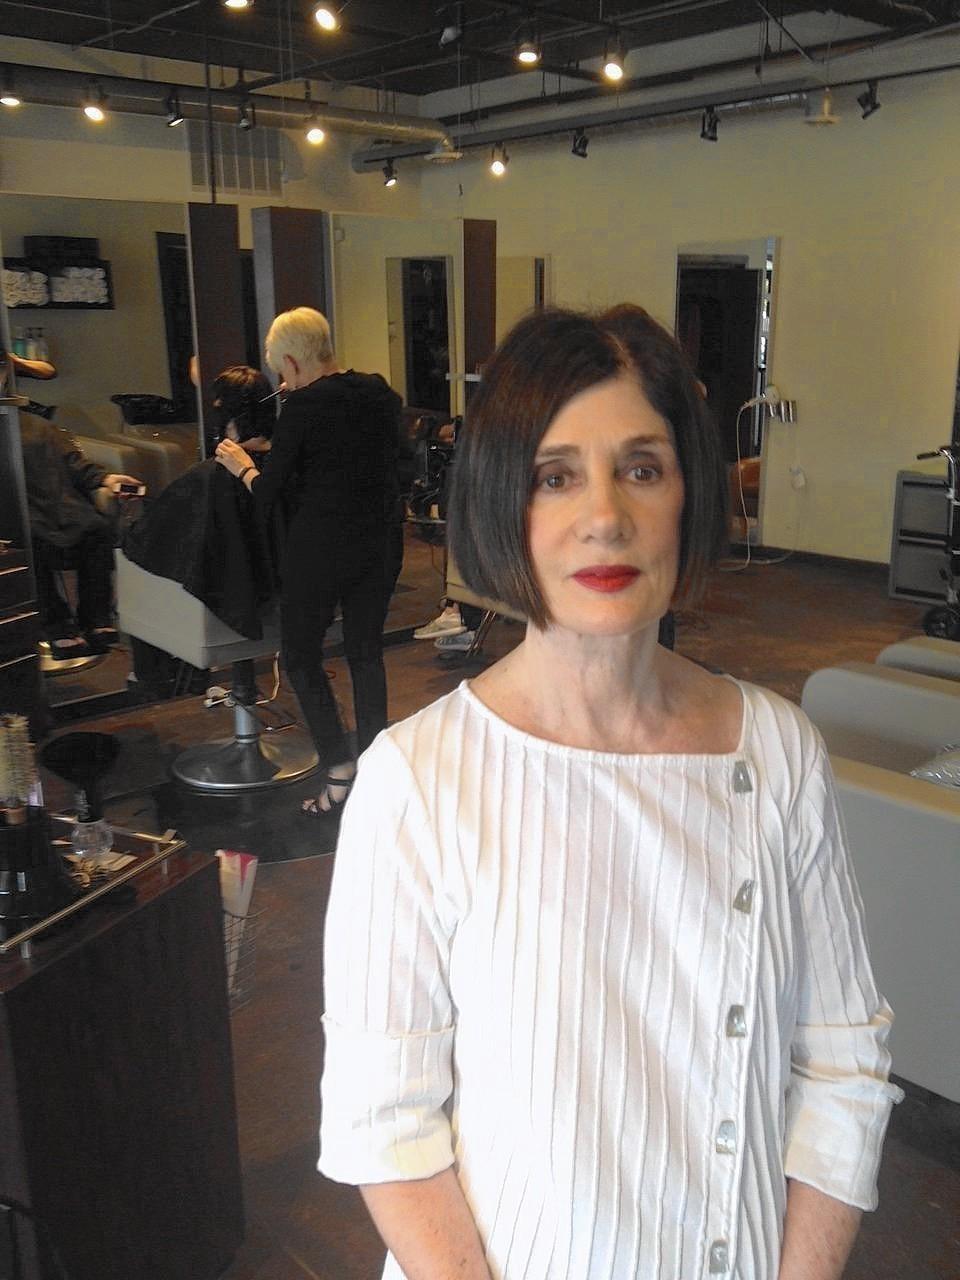 Salons offer cancer survivors free services June 2 - Highland Park News